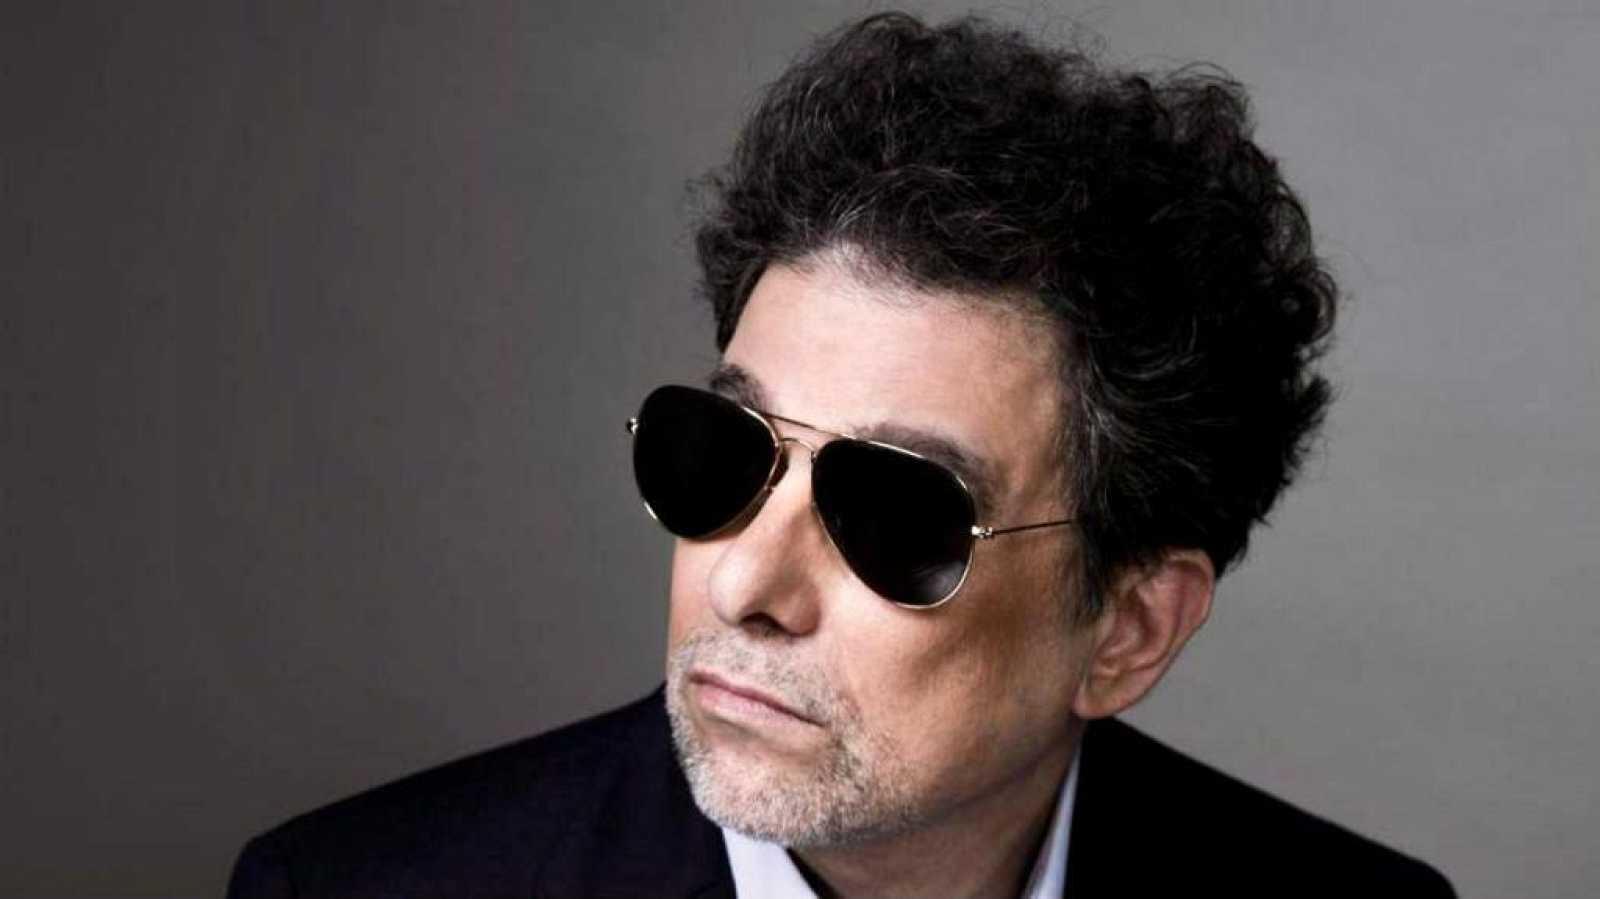 No es un día cualquiera - Andrés Calamaro - Pancho Varona - 'Influencias' - 28/11/2020 - Escuchar ahora